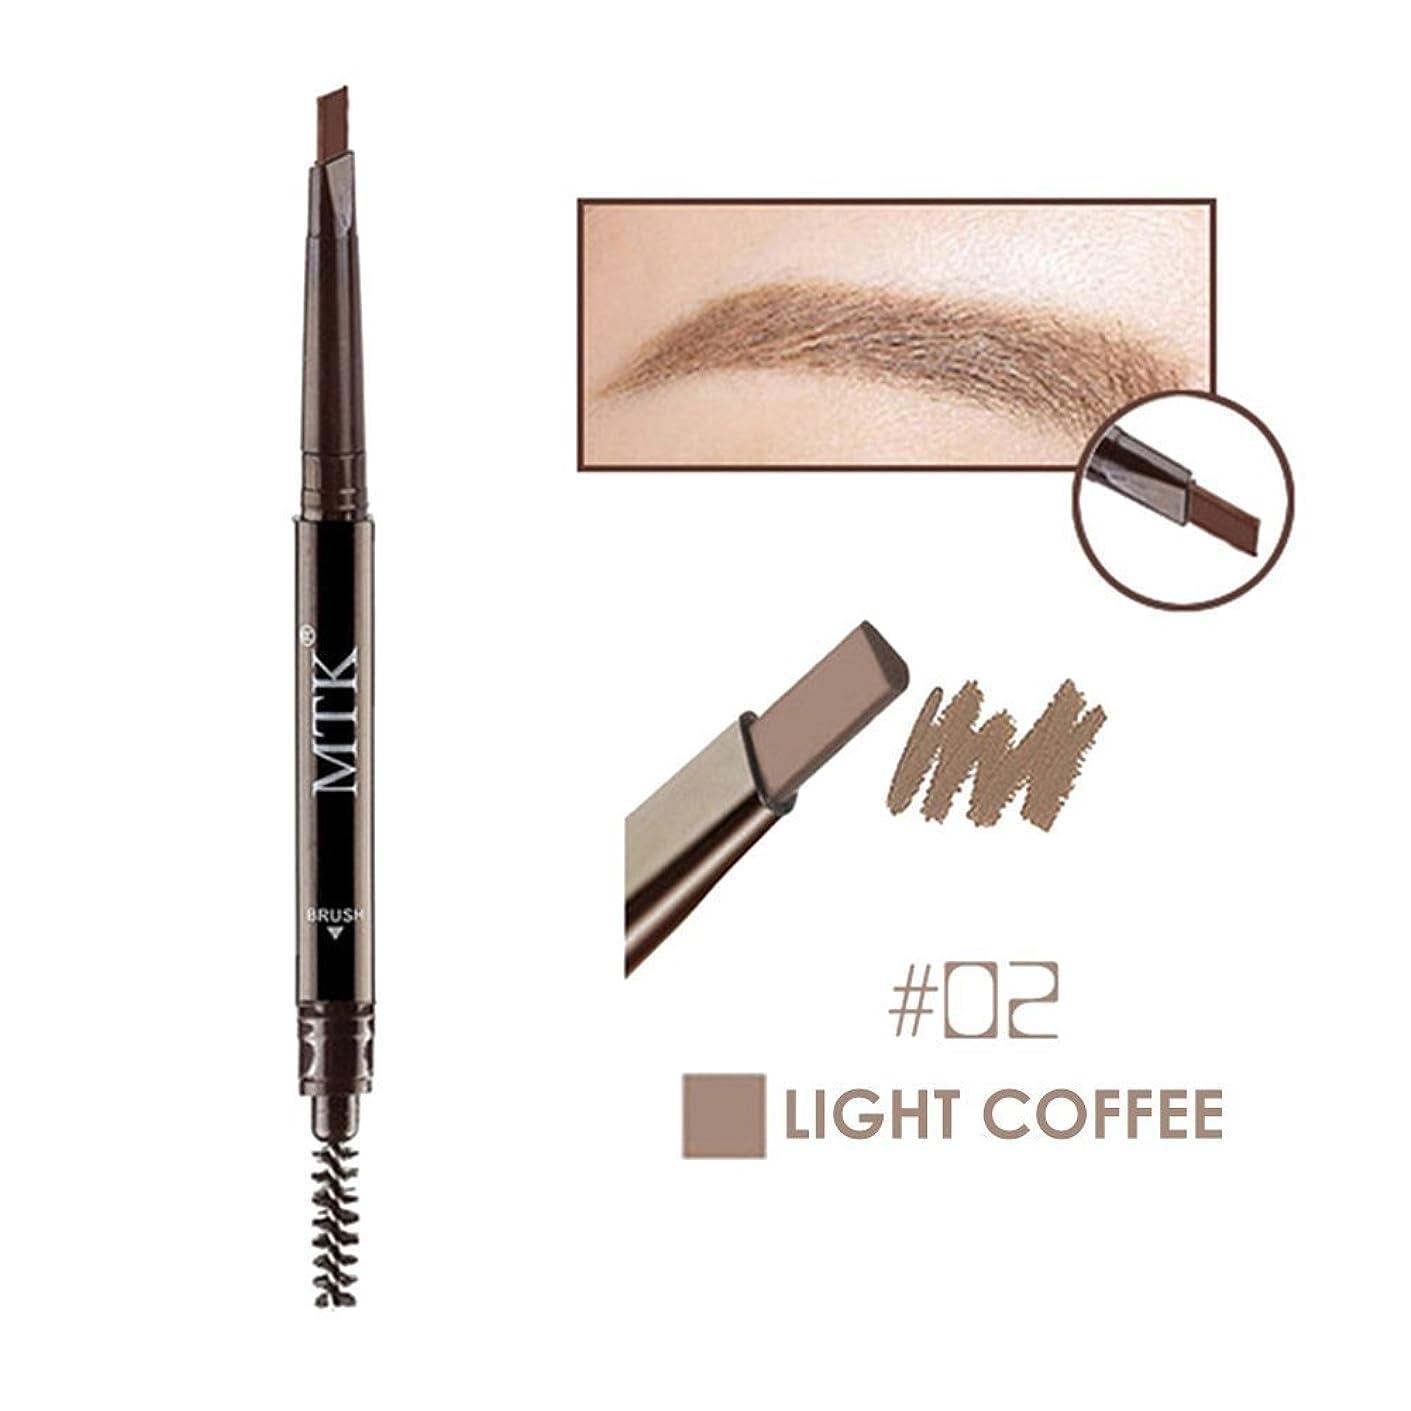 進化する寸前歩行者Panlom ブラシと防水性の自動眉毛ペン回転した化粧自然な色の三角形の眉毛の鉛筆 ライトコーヒー